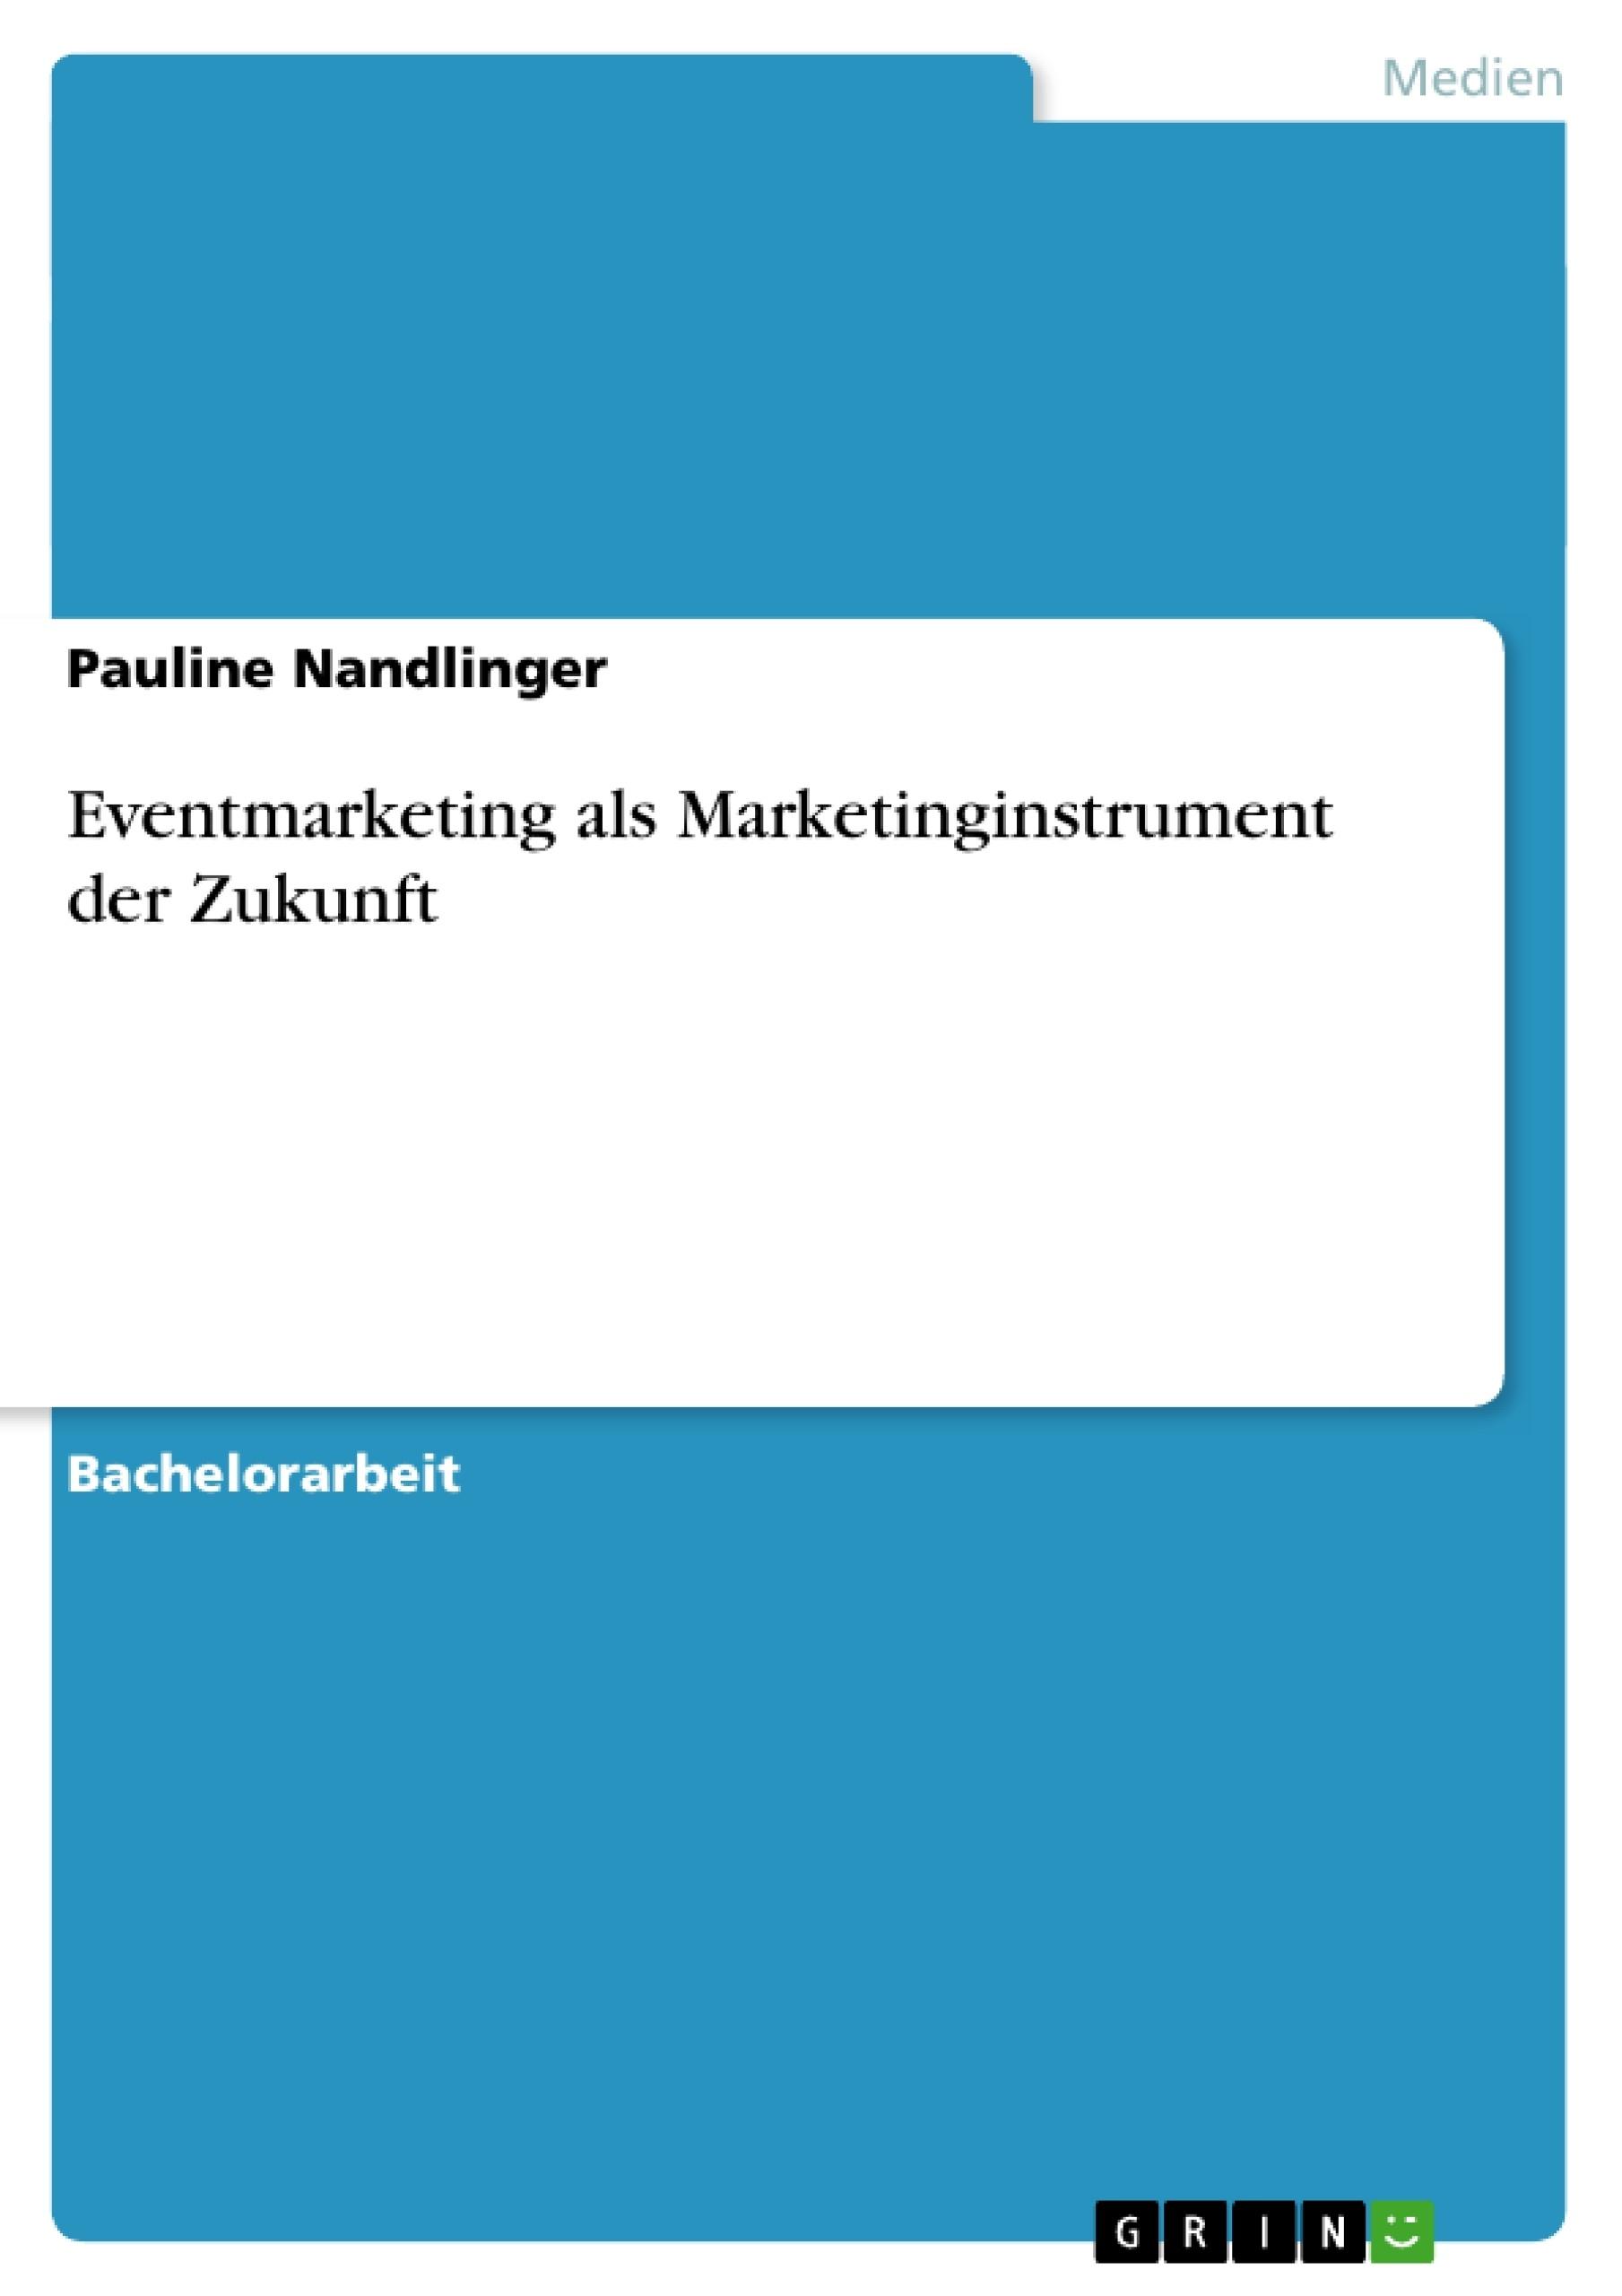 Titel: Eventmarketing als Marketinginstrument der Zukunft